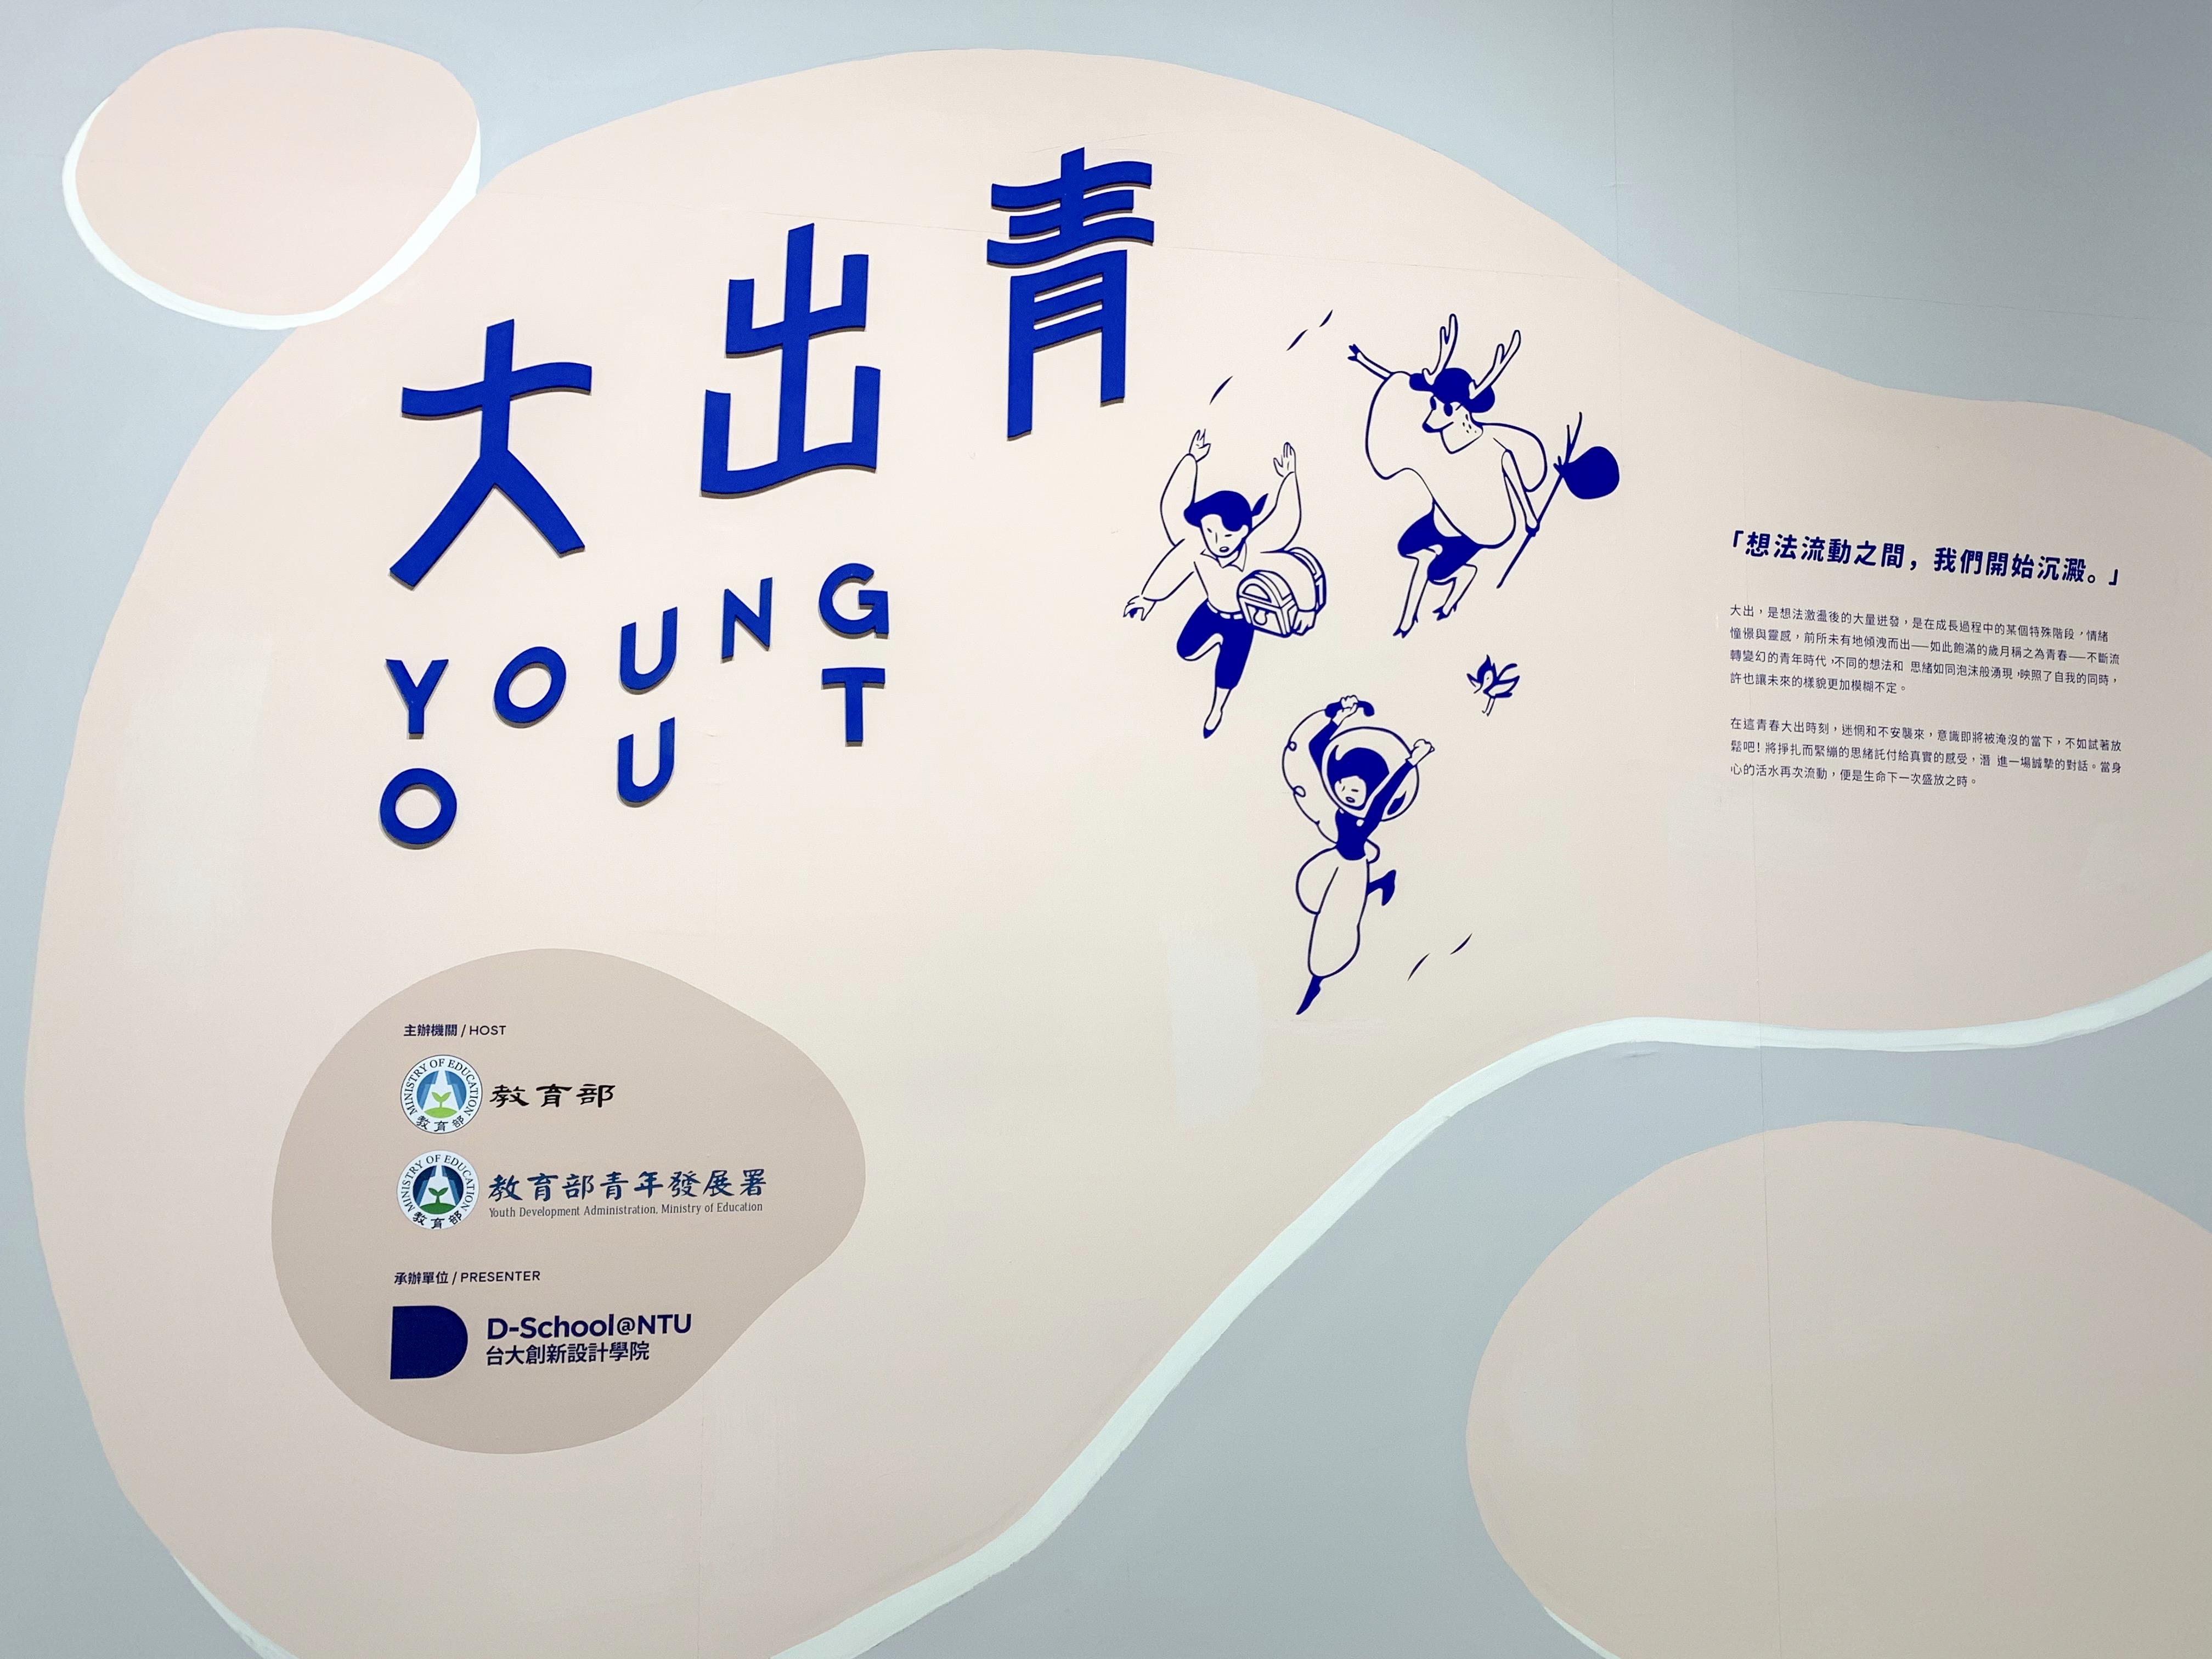 (圖一) 〈大出青 Young Out〉超牆青年主題展視覺